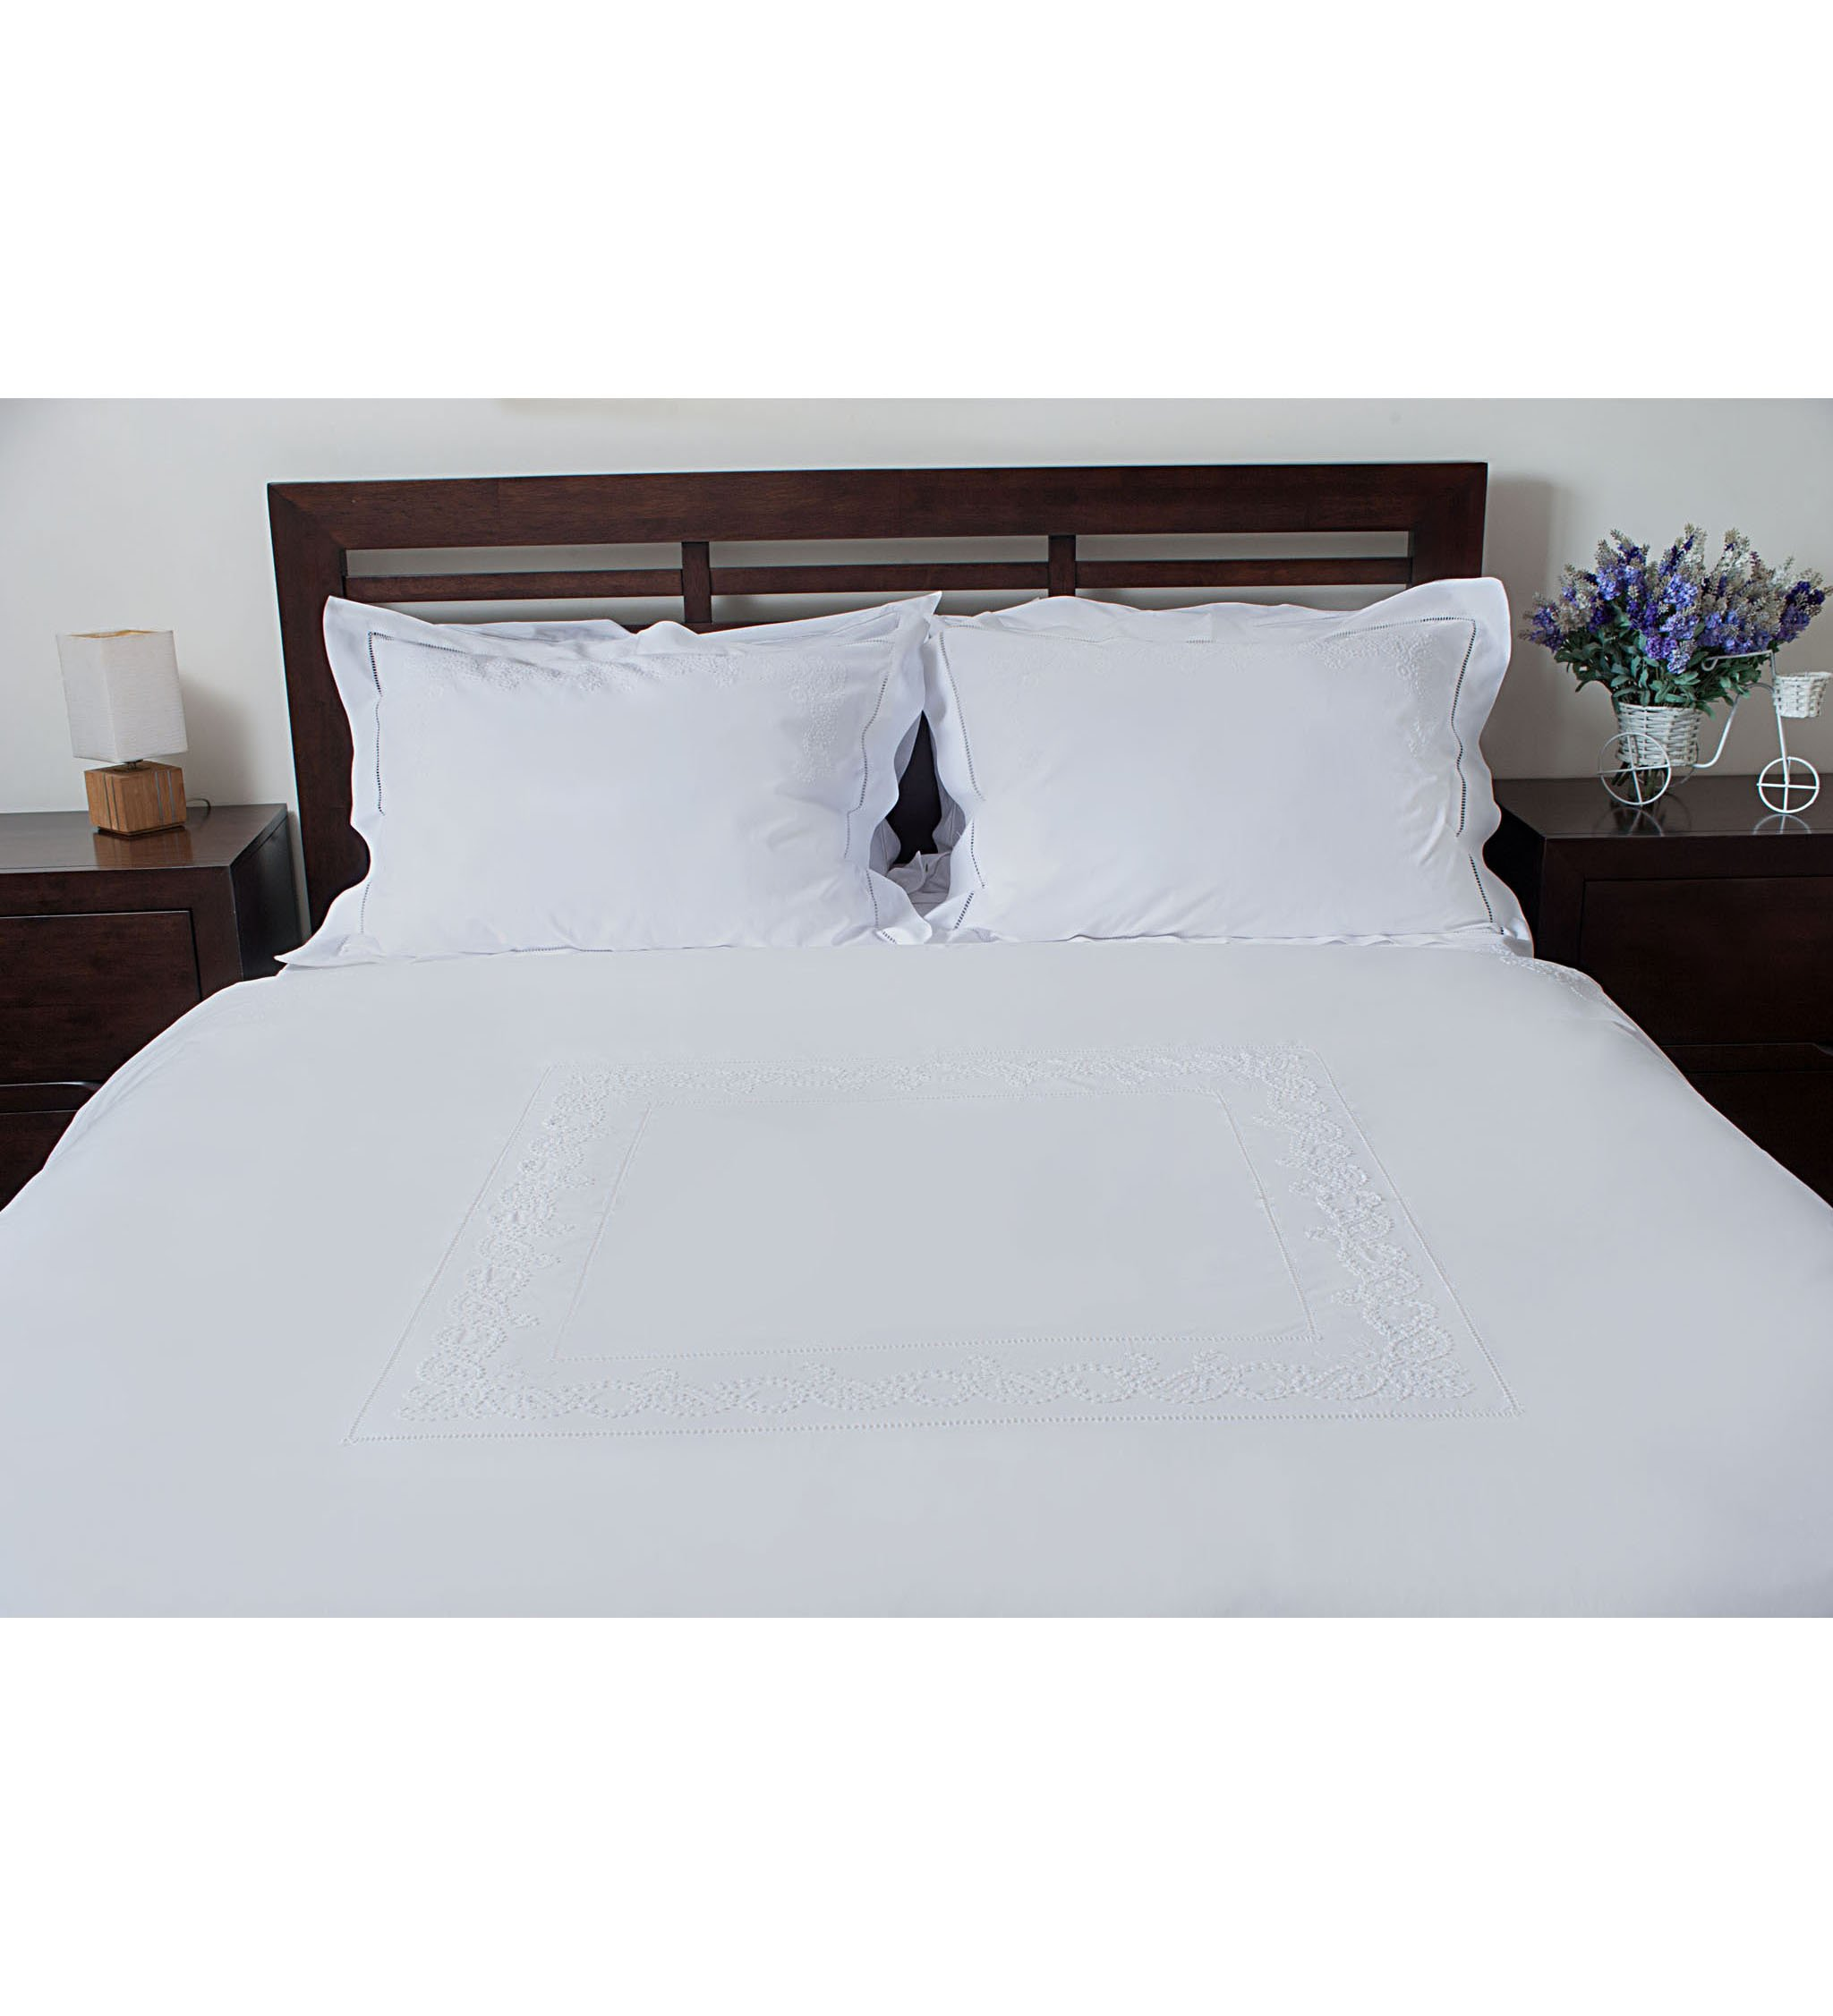 Set Drap giường+bộc mền+4 cặp áo gối 50x70, 60x60, 45x45, 25x50